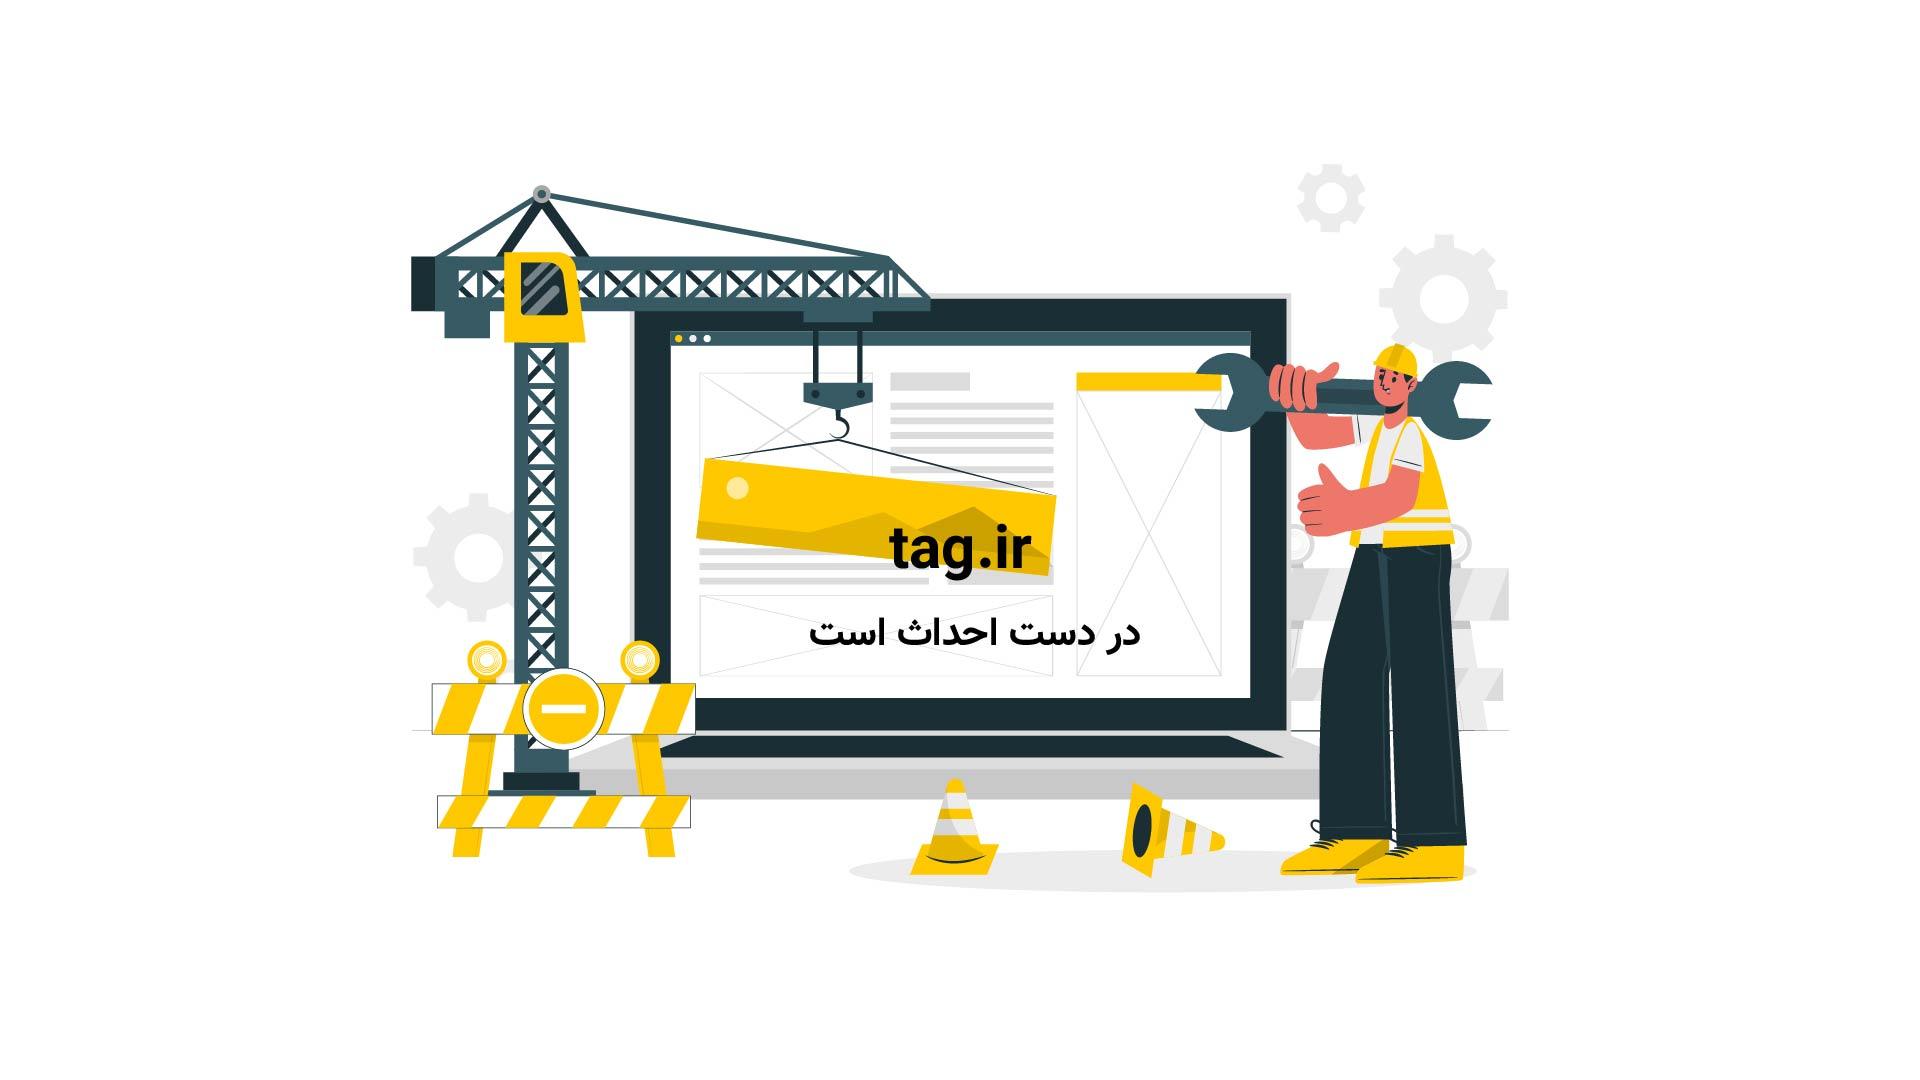 ماهی سالمون | تگ